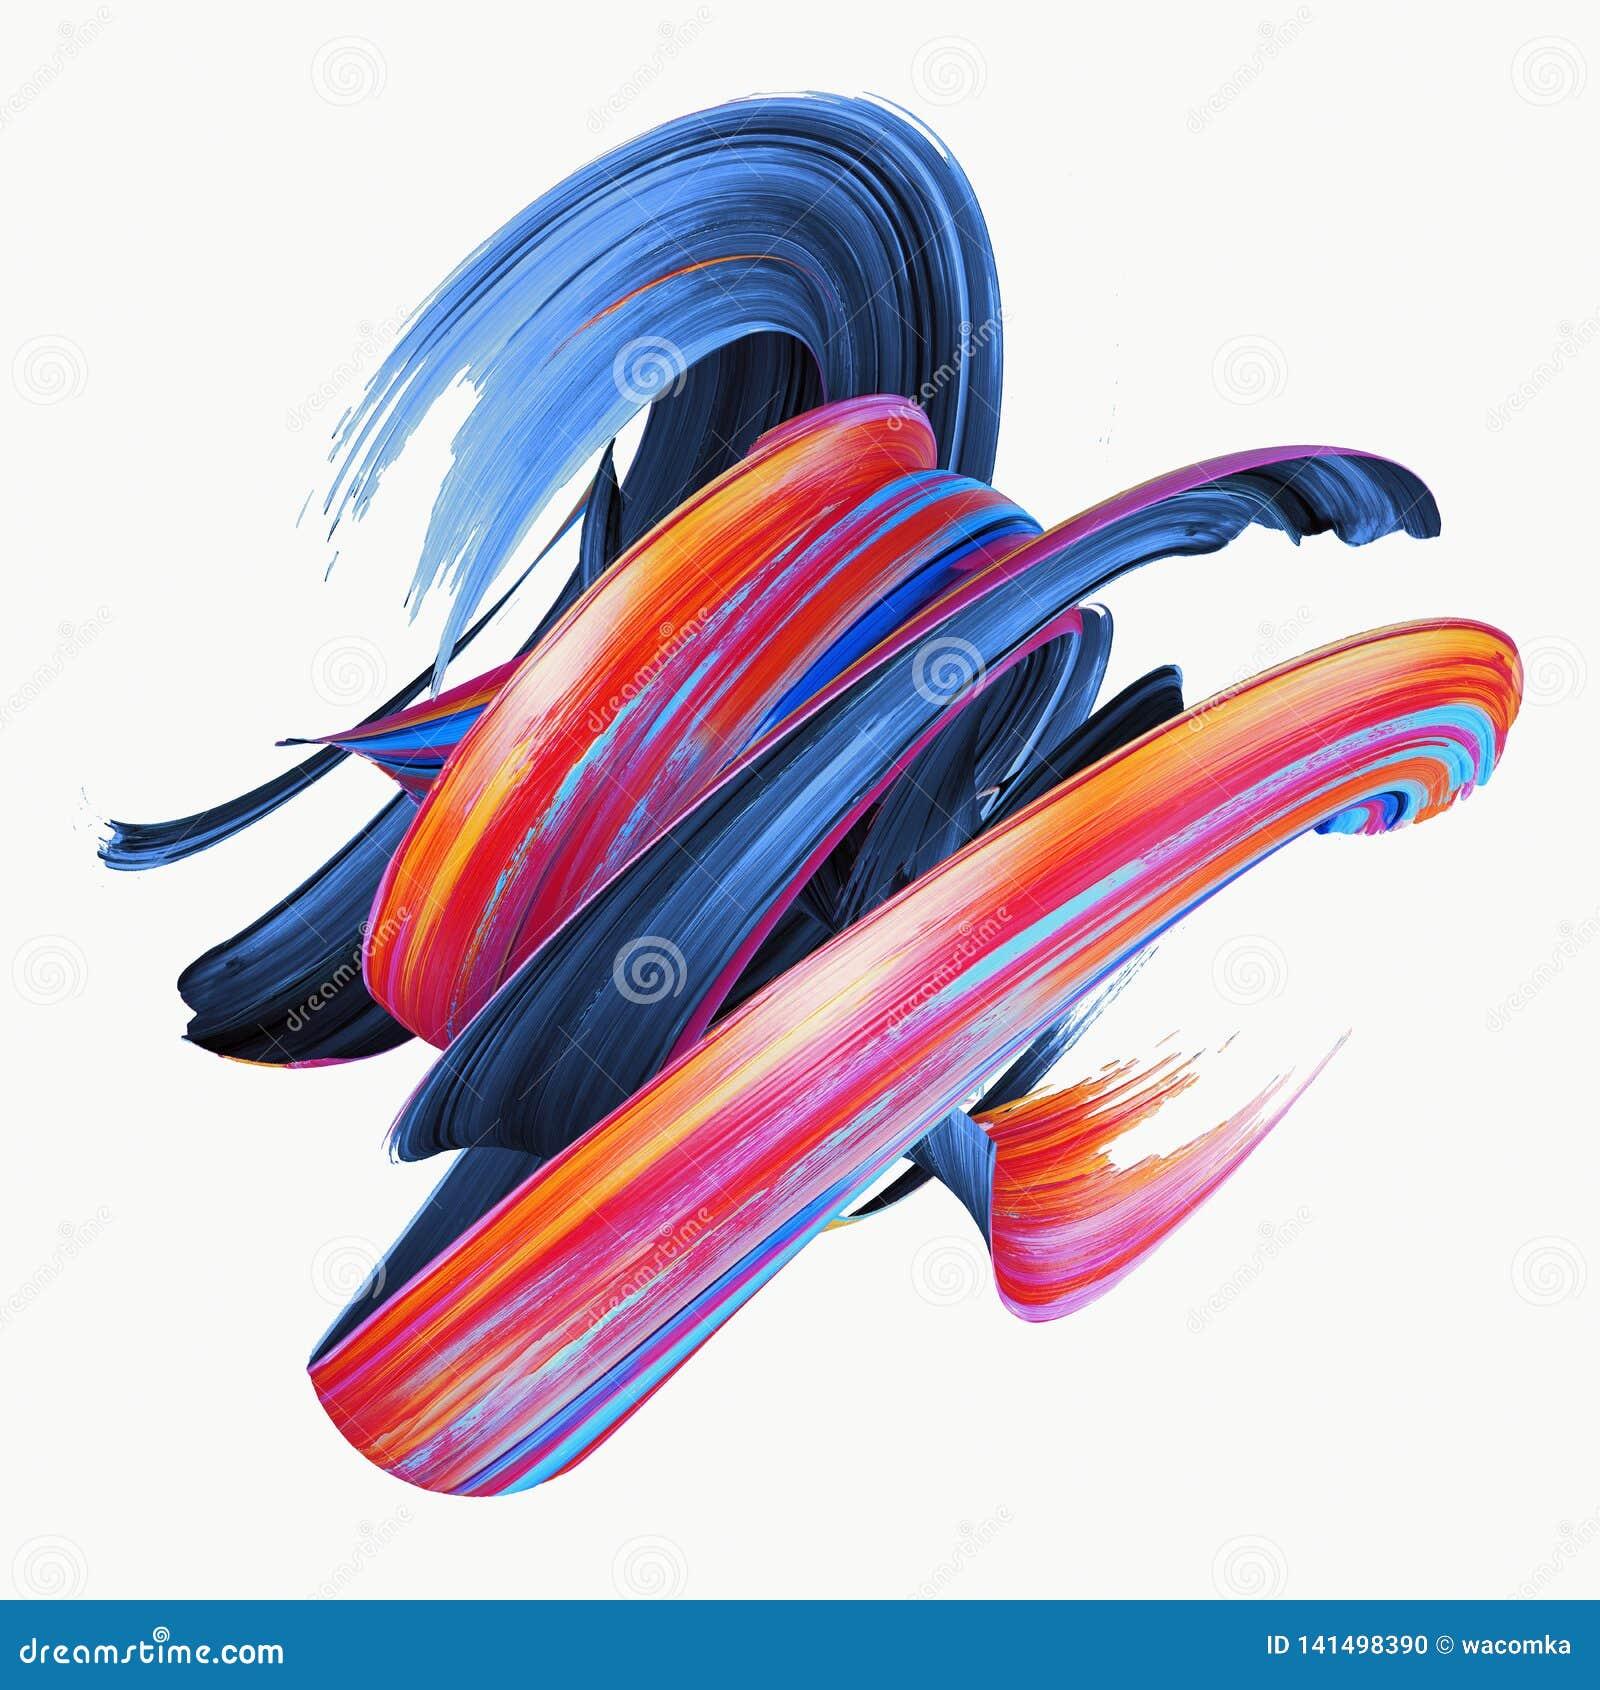 3d a rendição, curso torcido abstrato da escova, pinta o respingo, chapinha, onda colorida, espiral artística, isolada no branco